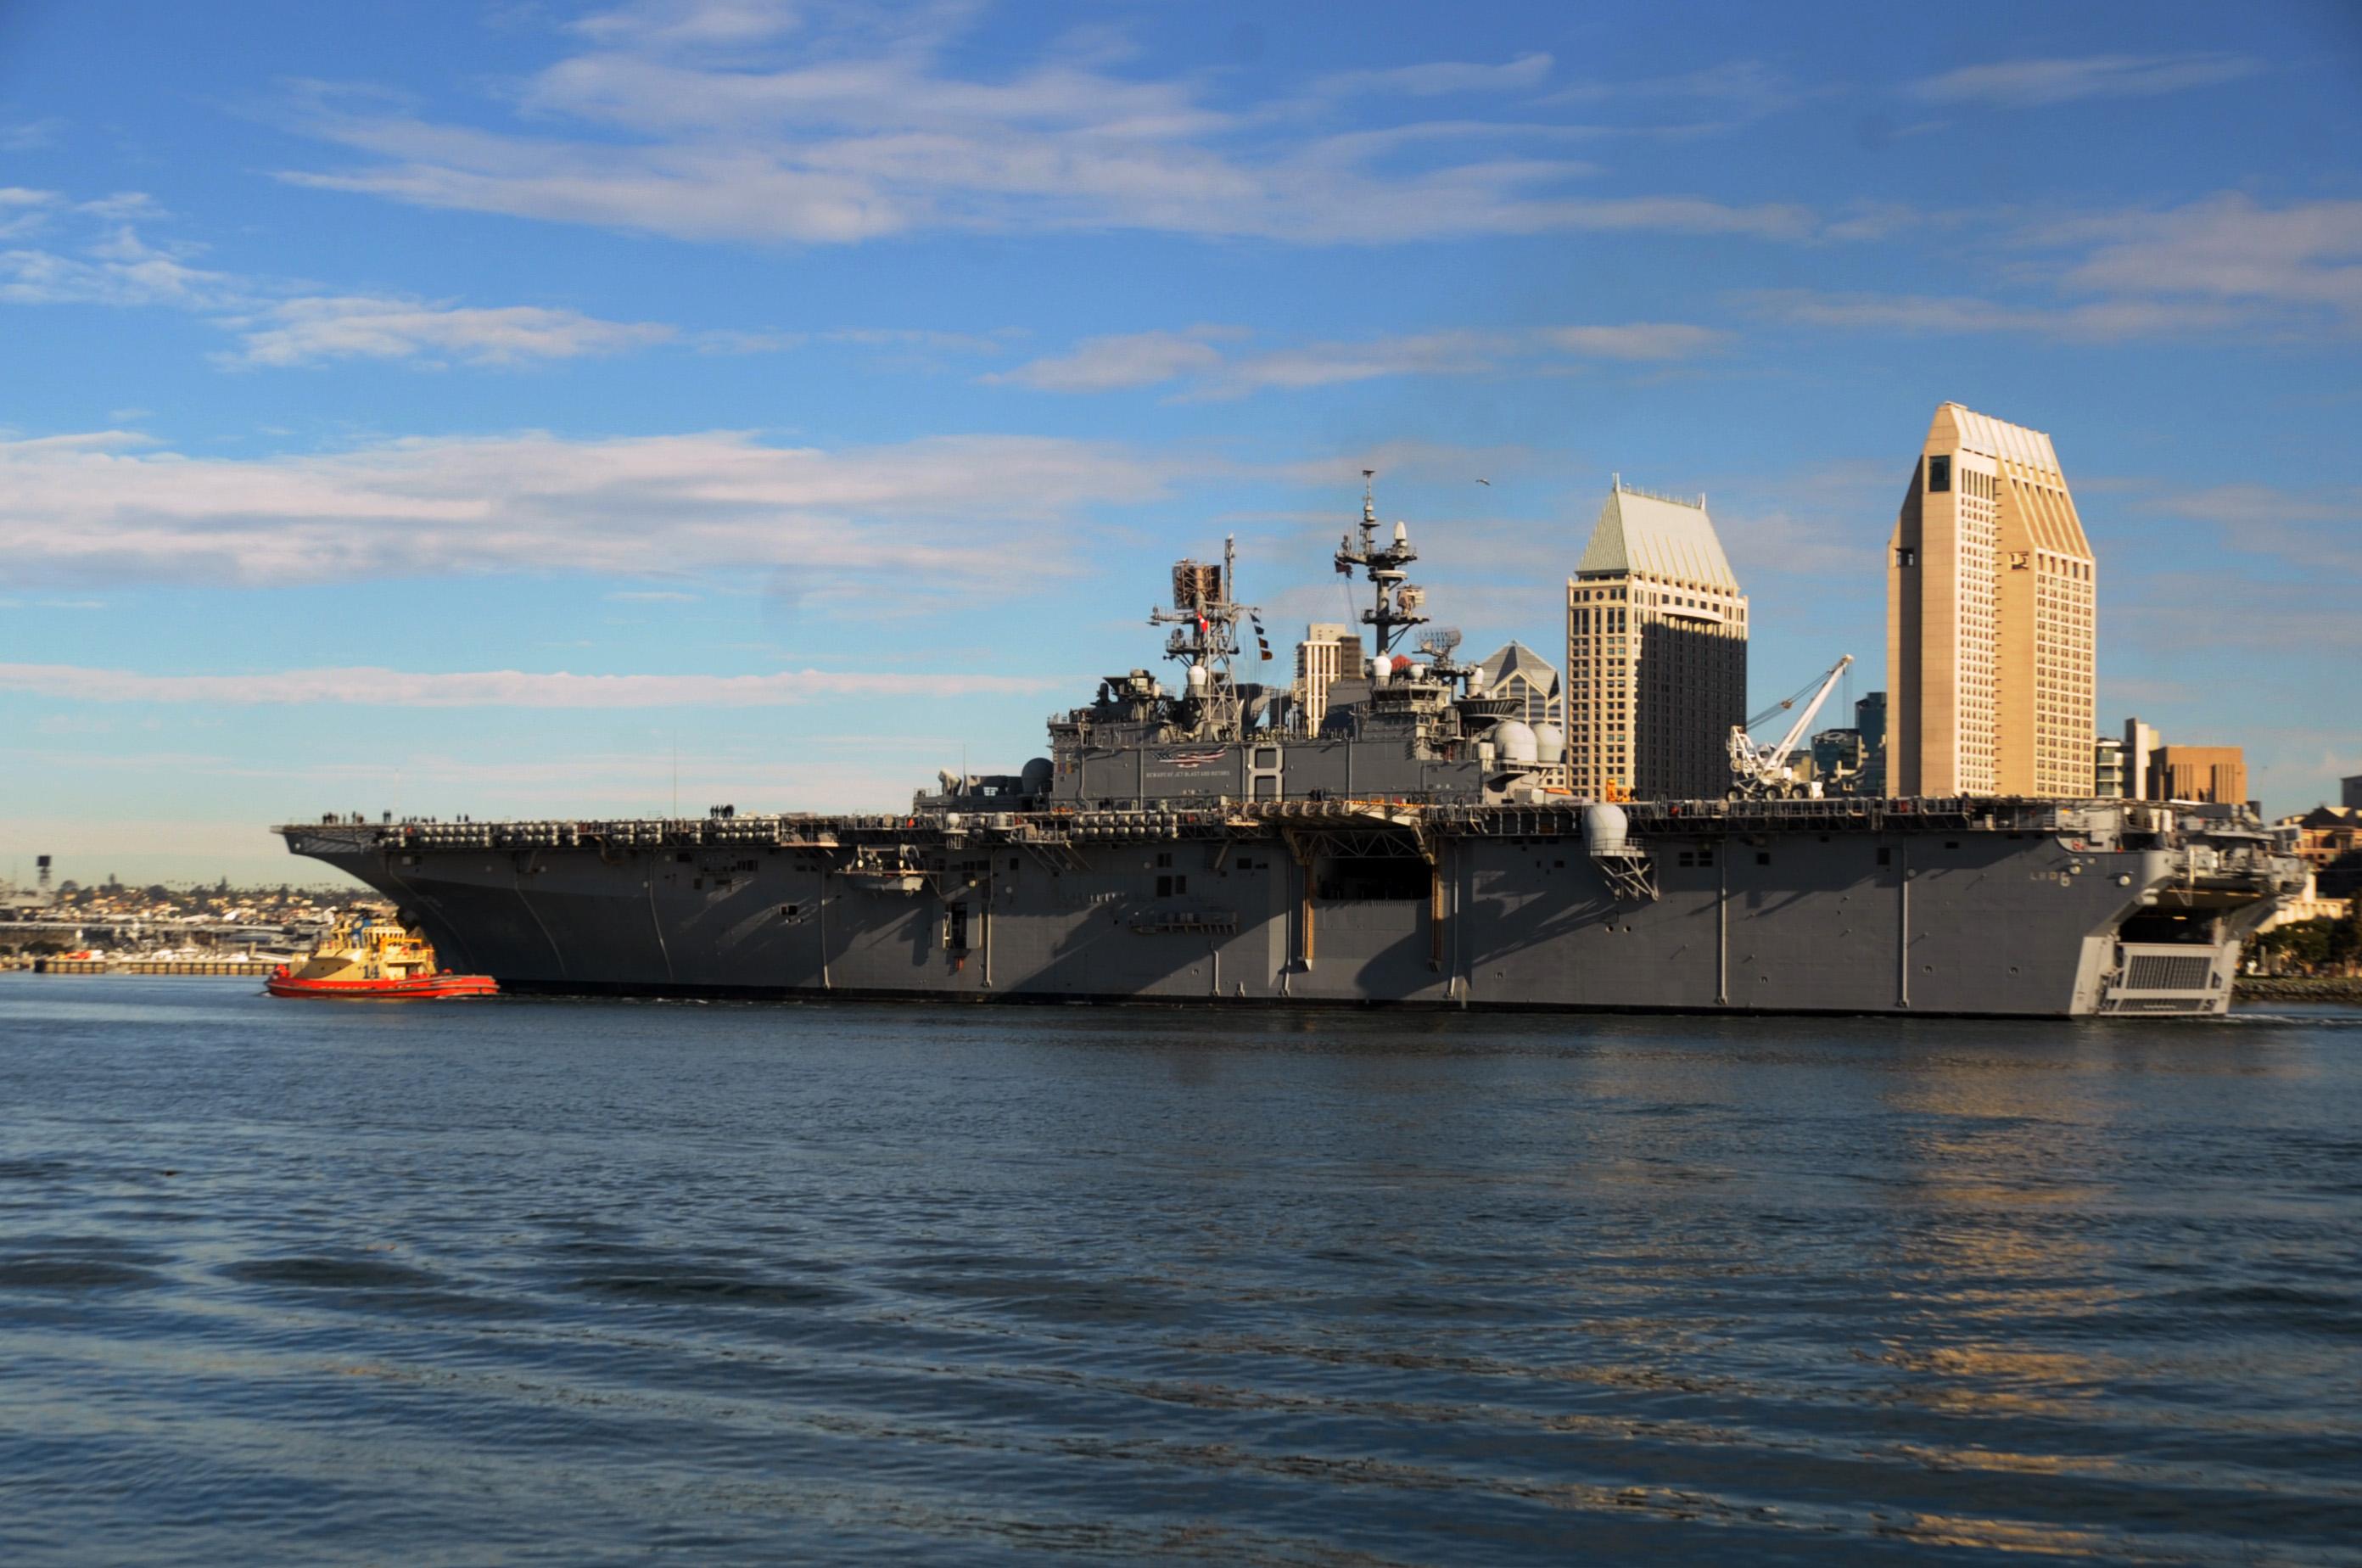 USS MAKIN ISLAND LHD-8 am 10.12.2013Bild: U.S. Navy